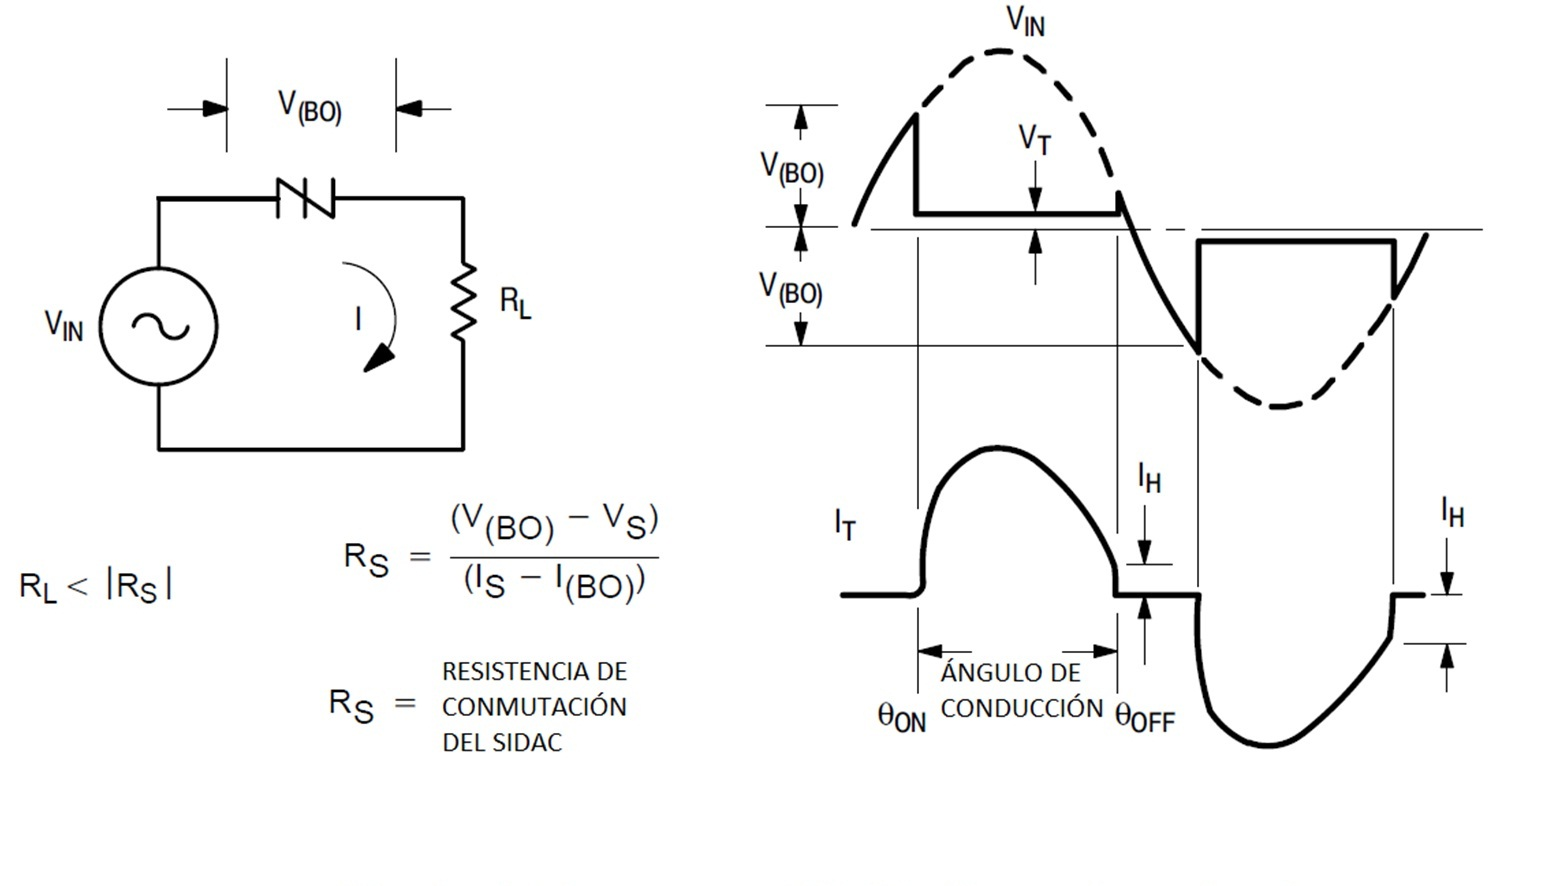 Circuito Onda : Rectificador de onda completa electronics ondas